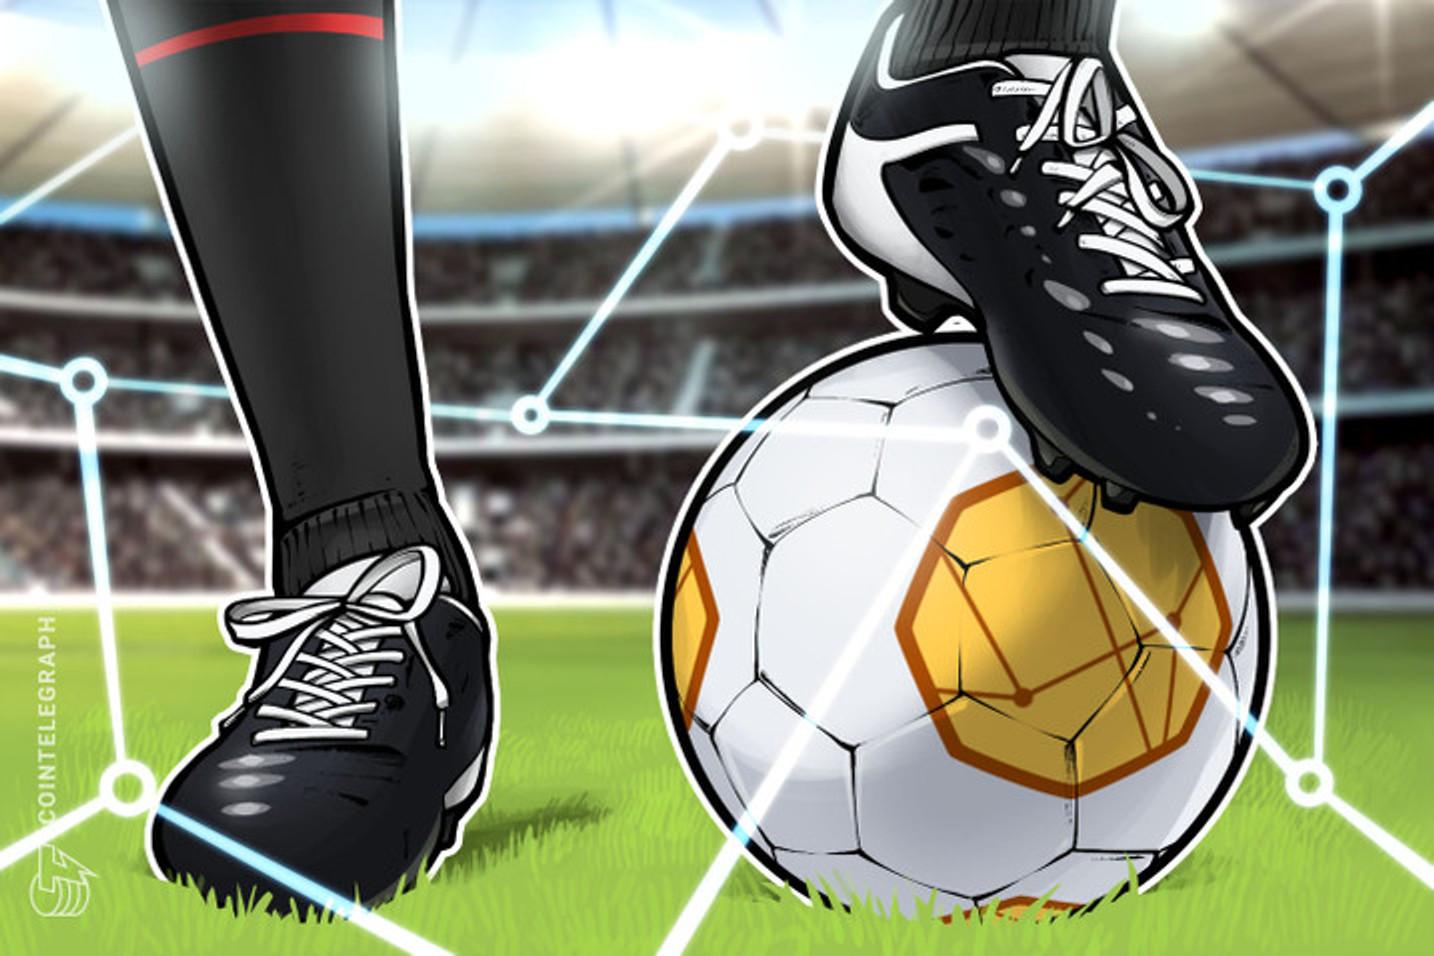 Schweizer Fußballclub St. Gallen setzt für Fanartikel auf Blockchain